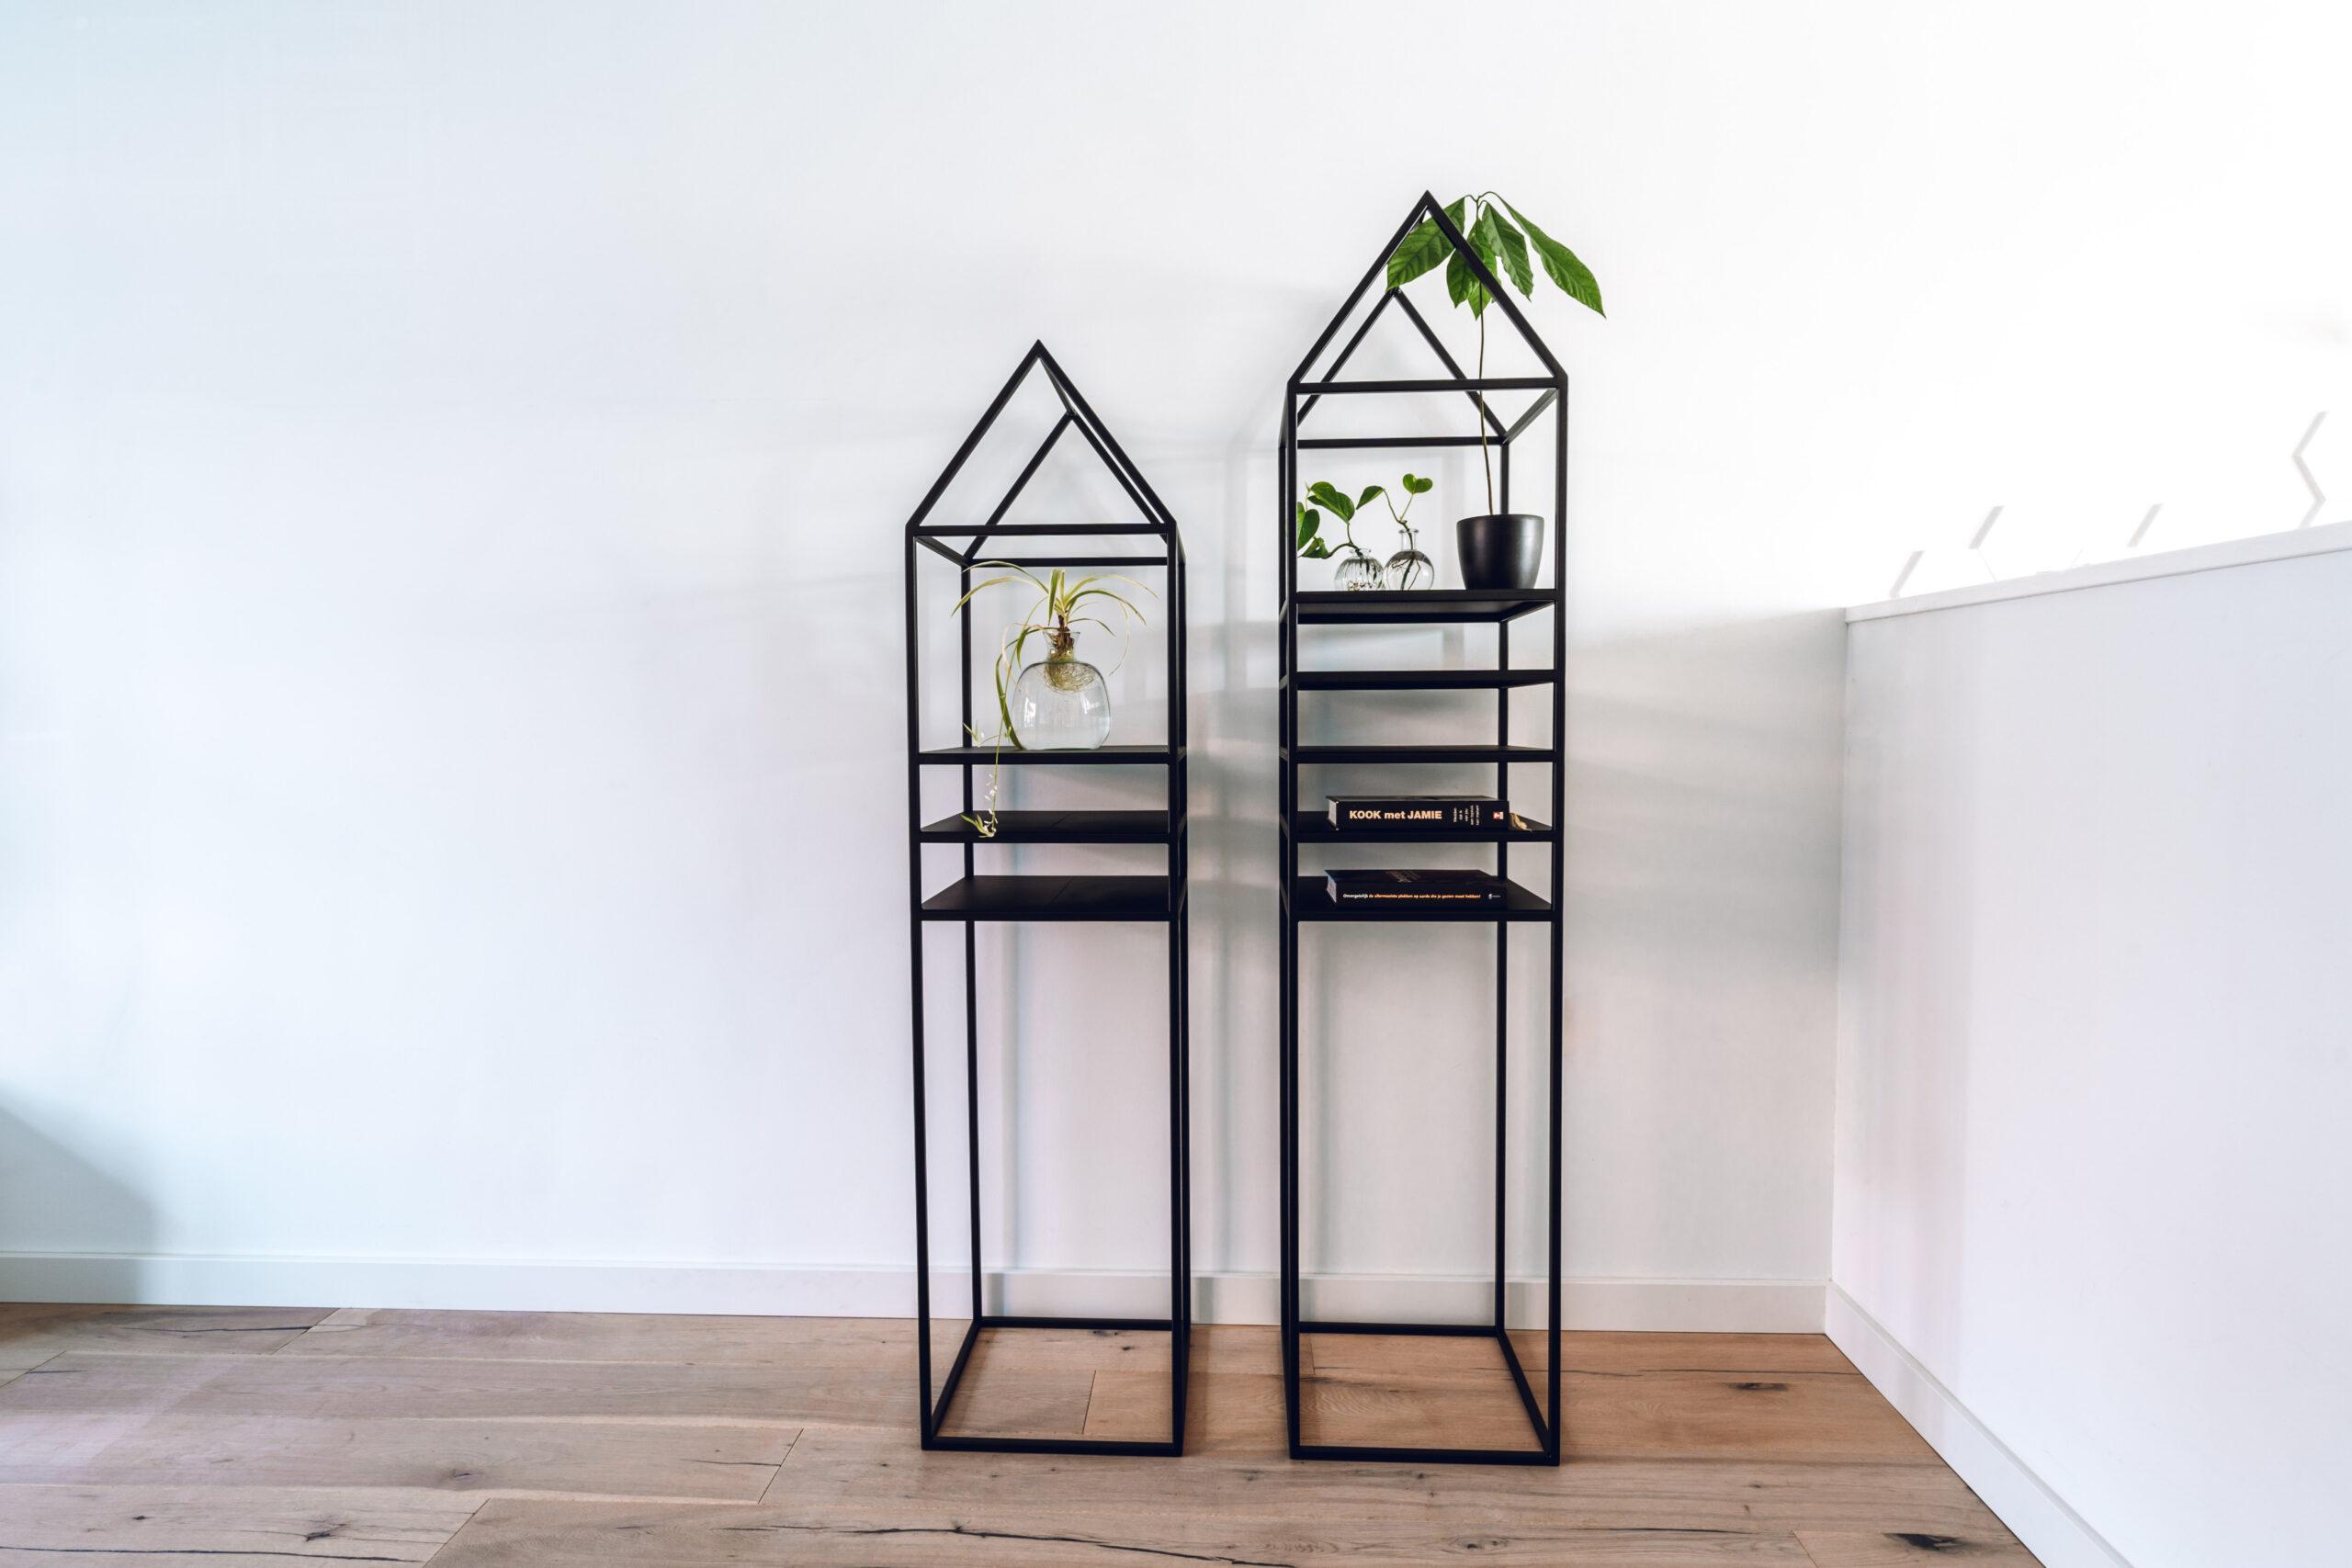 stalen display huis huisje matzwart open frame